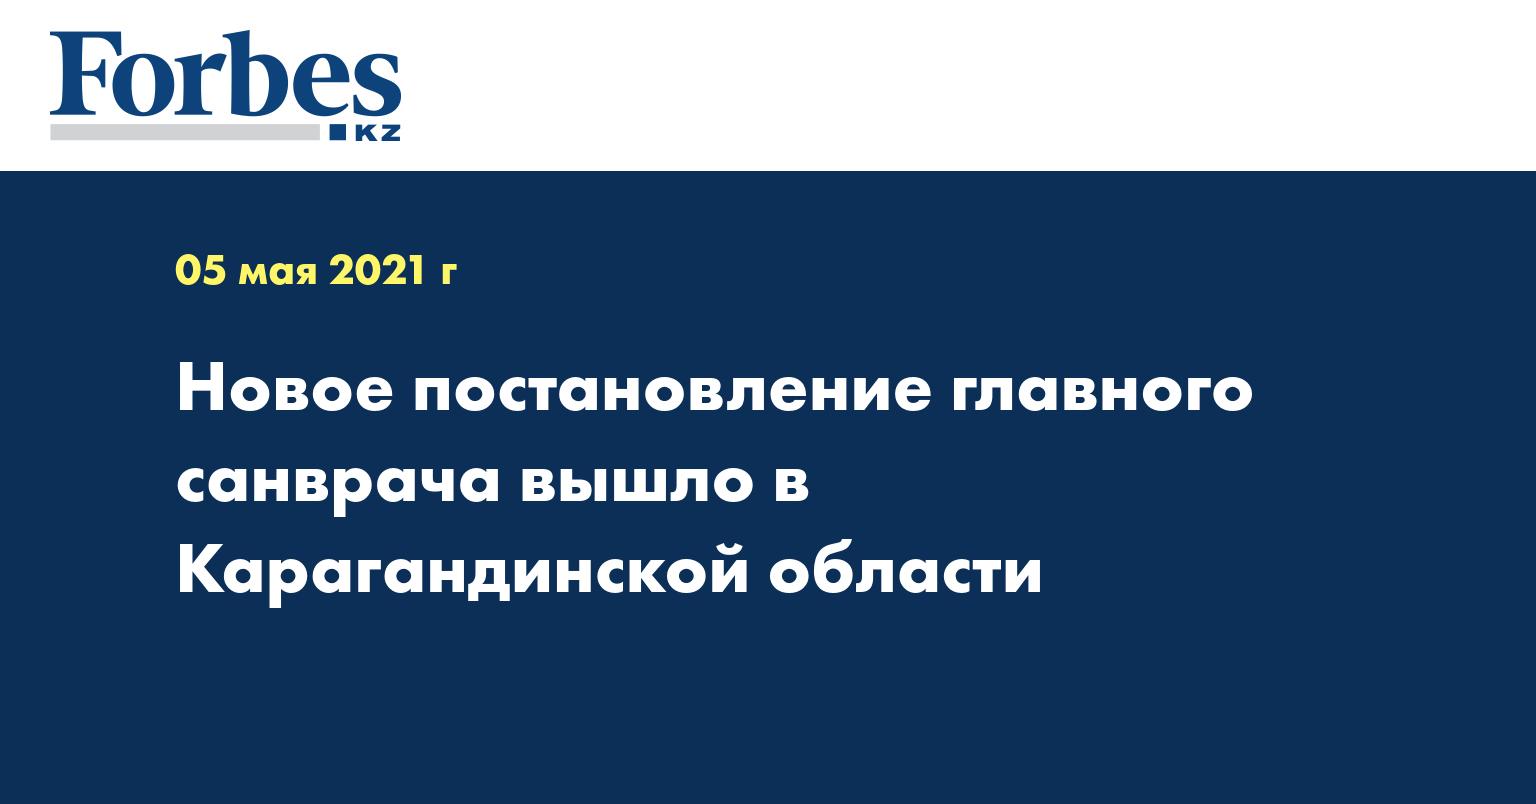 Новое постановление главного санврача вышло в Карагандинской области